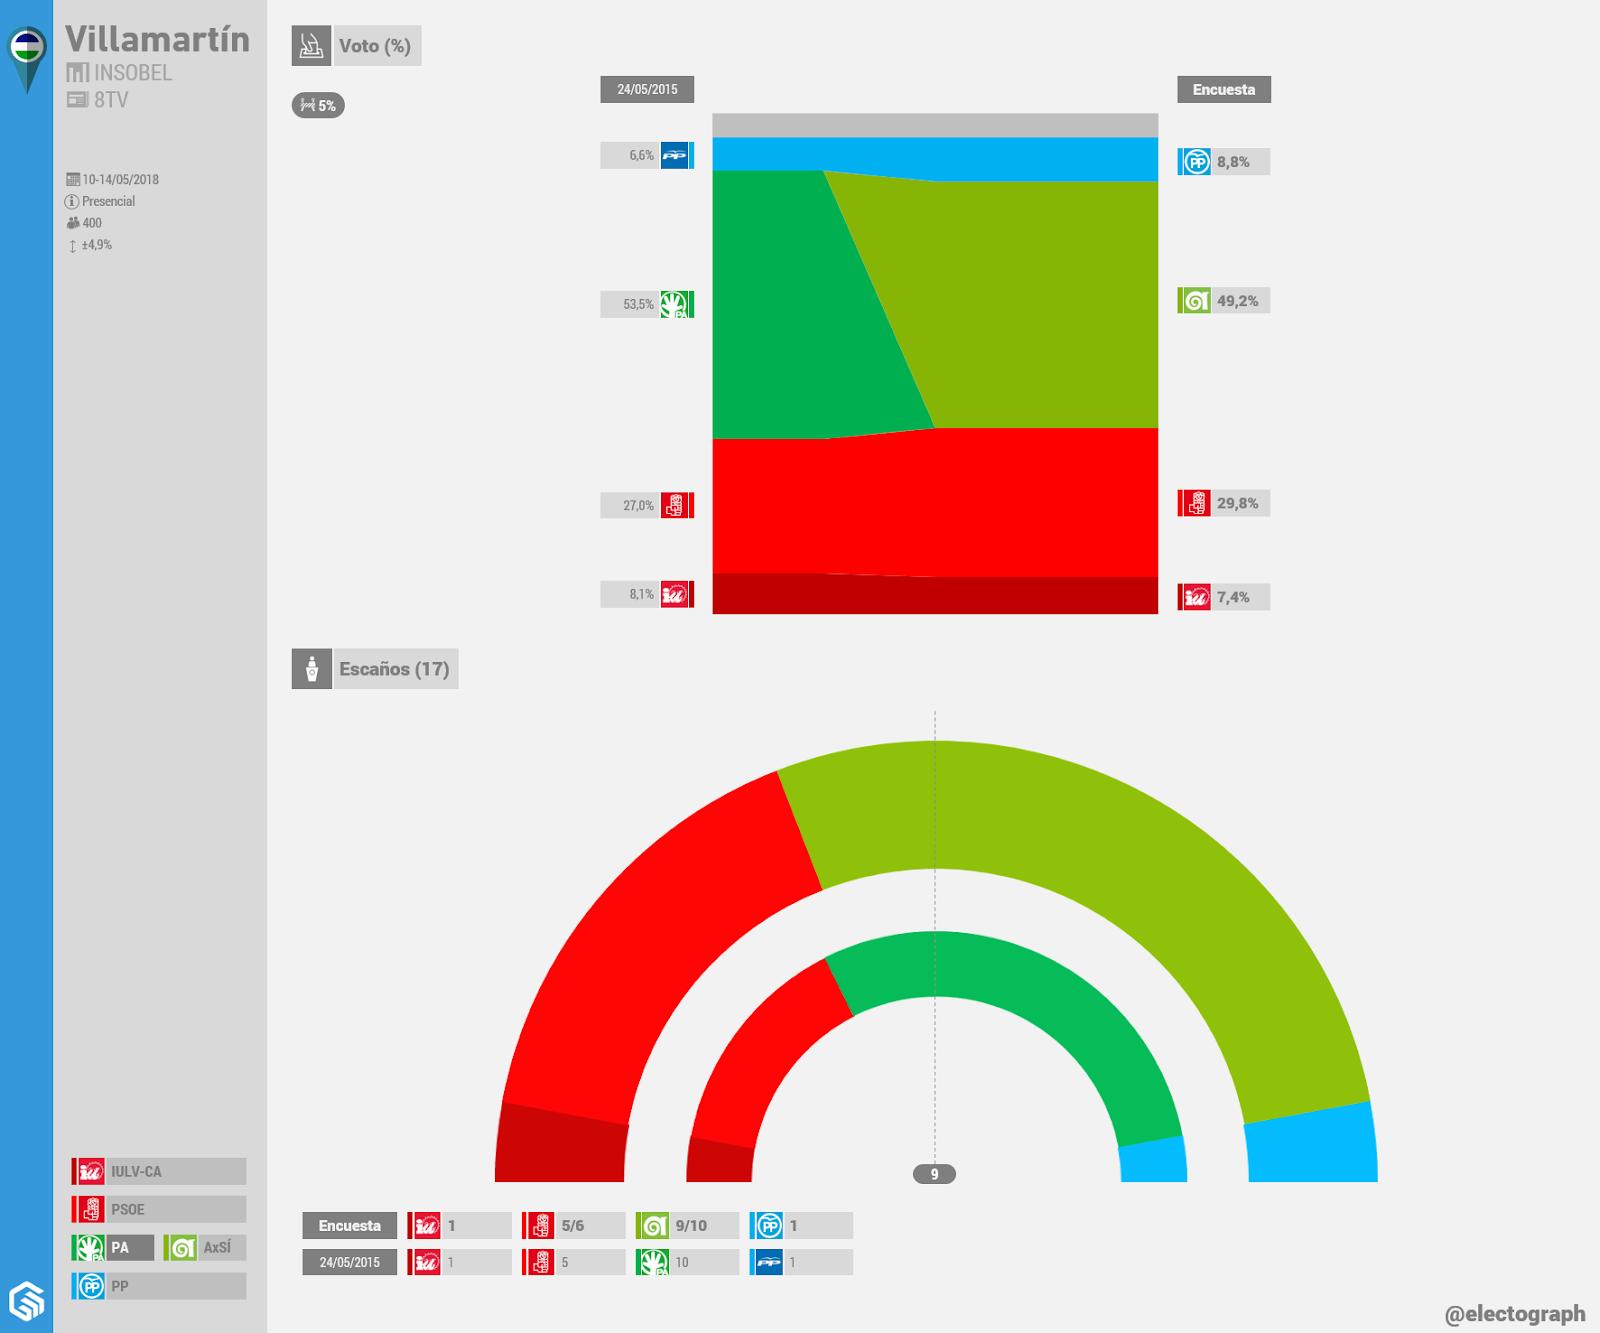 Gráfico de la encuesta para elecciones municipales en Villamartín realizada por Insobel para 8TV en mayo de 2018